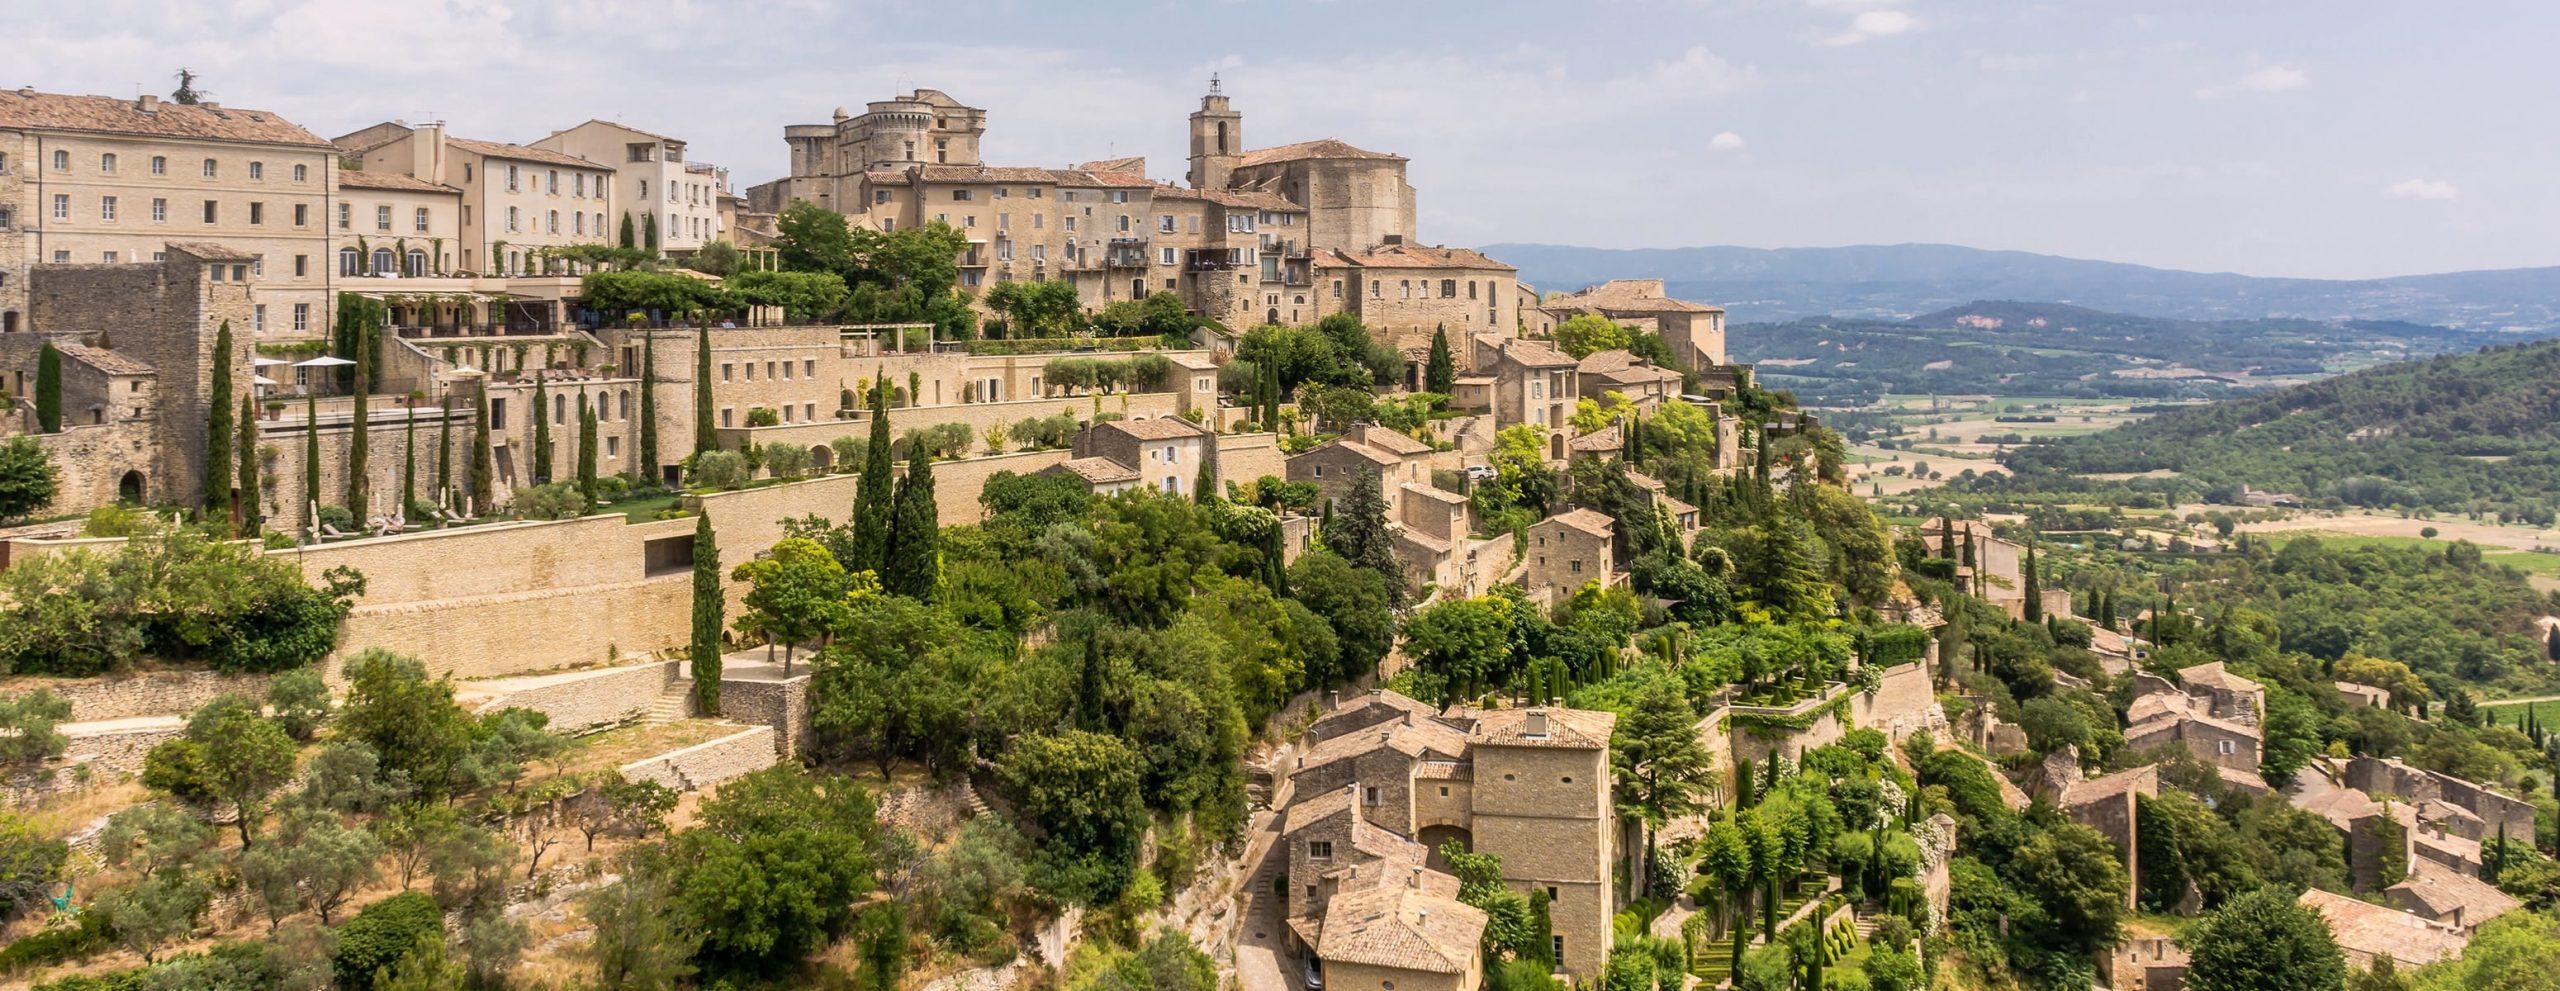 Fransa Konumundaki Apartman Daireleri dedans Cash Piscine Avignon